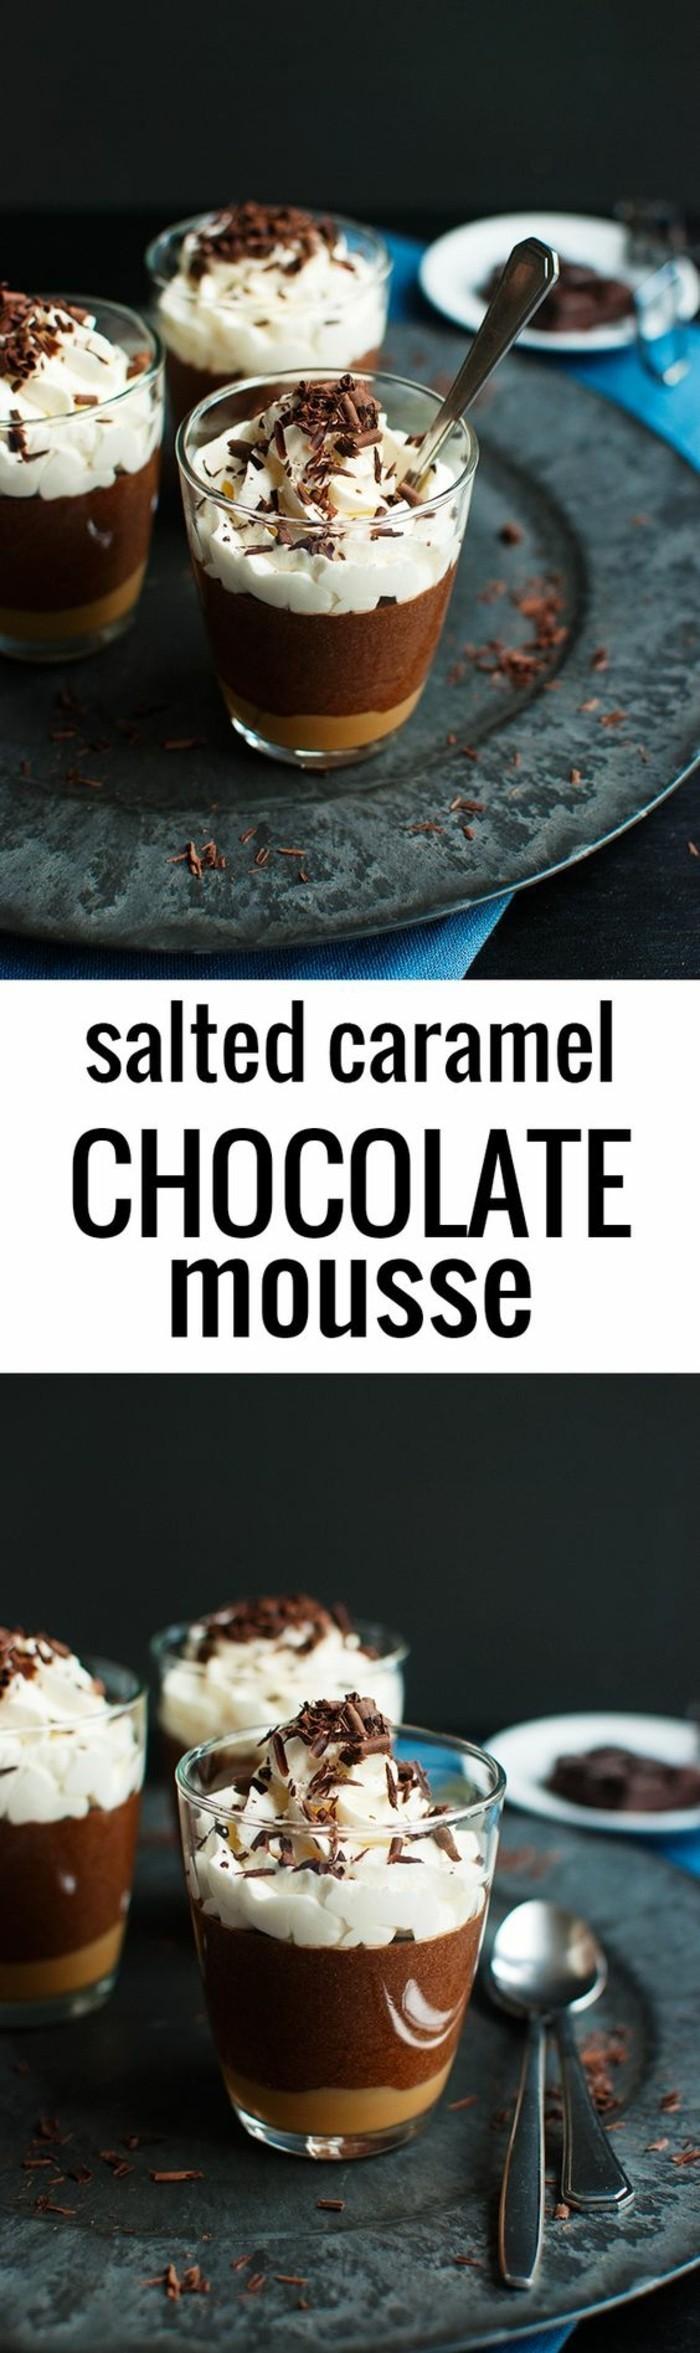 comment-faire-du-caramel-liquide-préparer-des-boissons-au-caramel